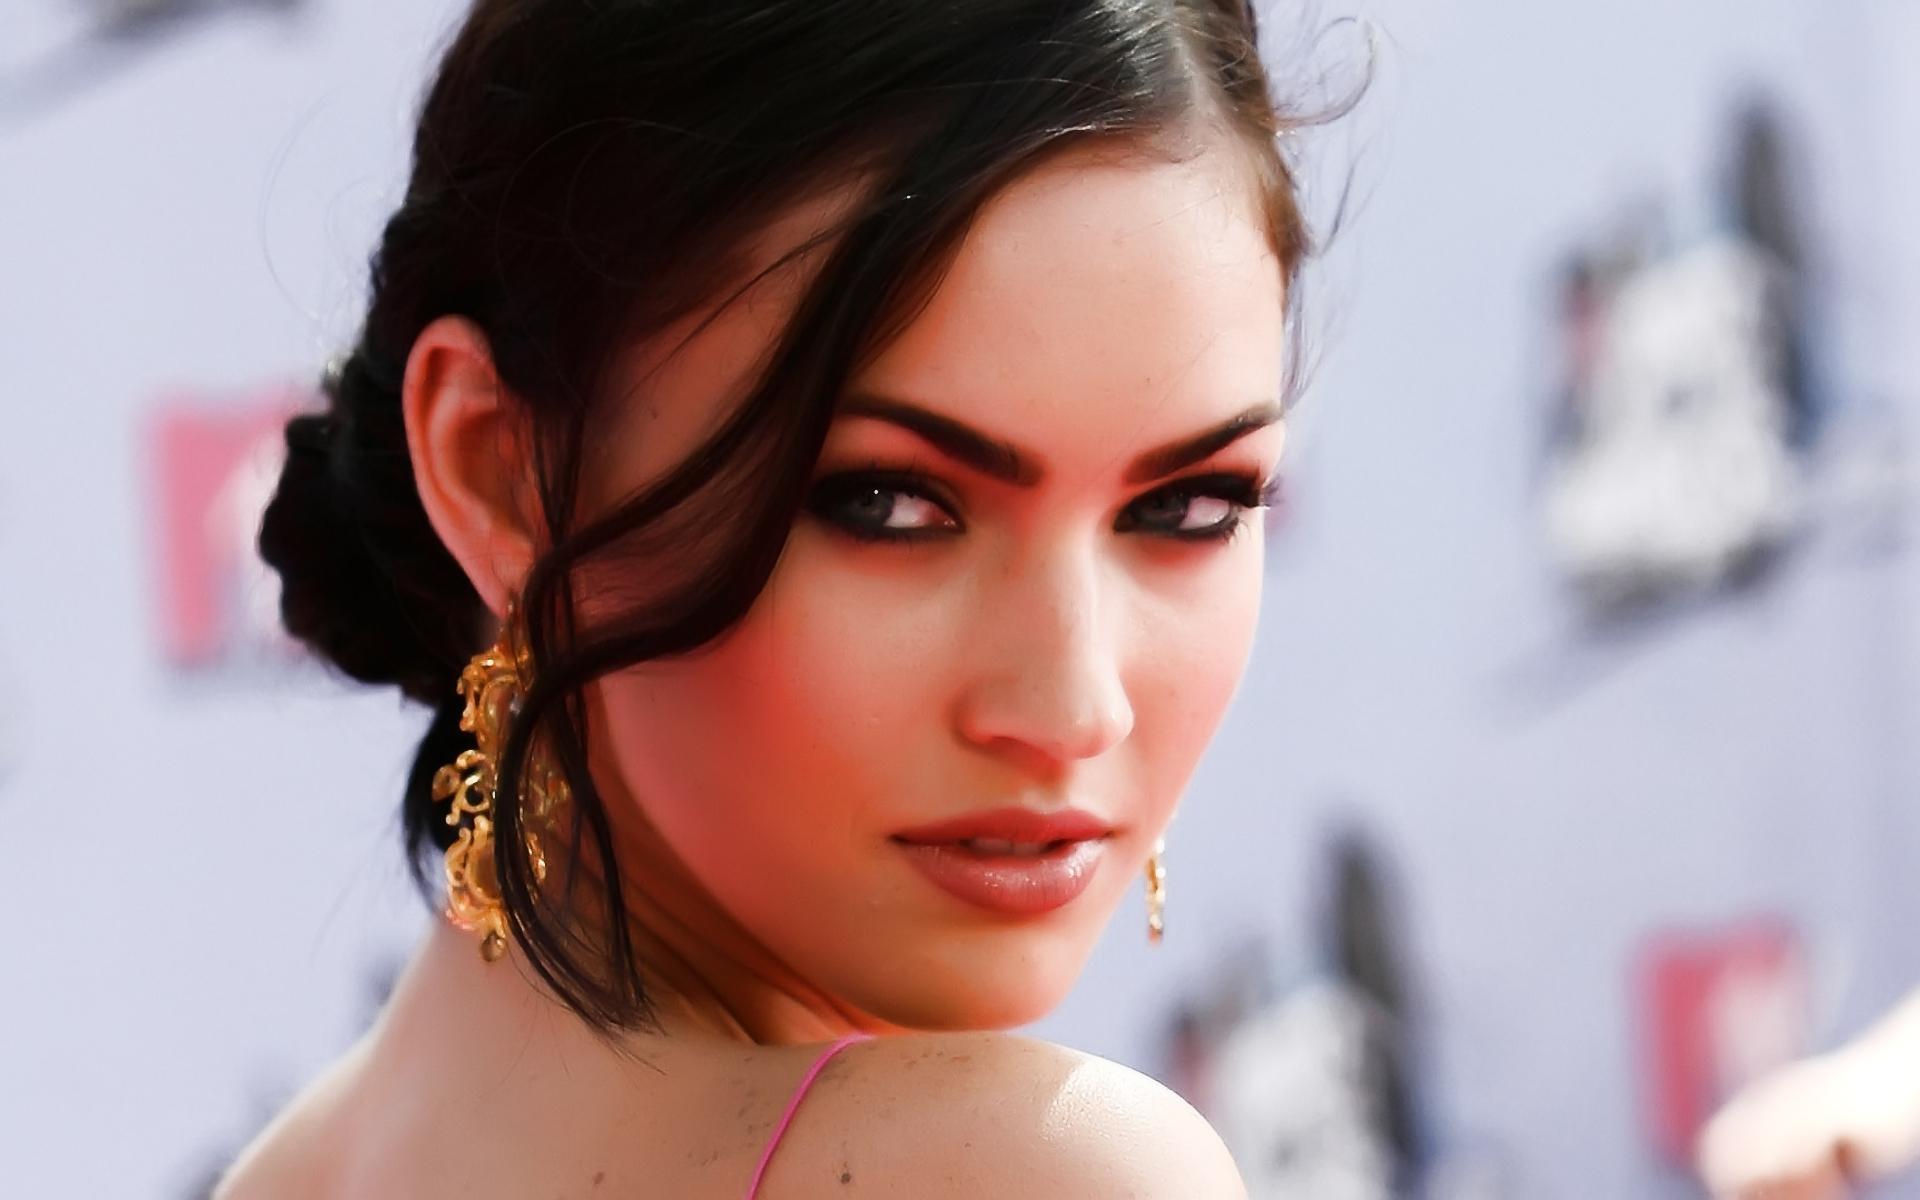 Megan Fox Wallpapers Hd  WallpaperSafari